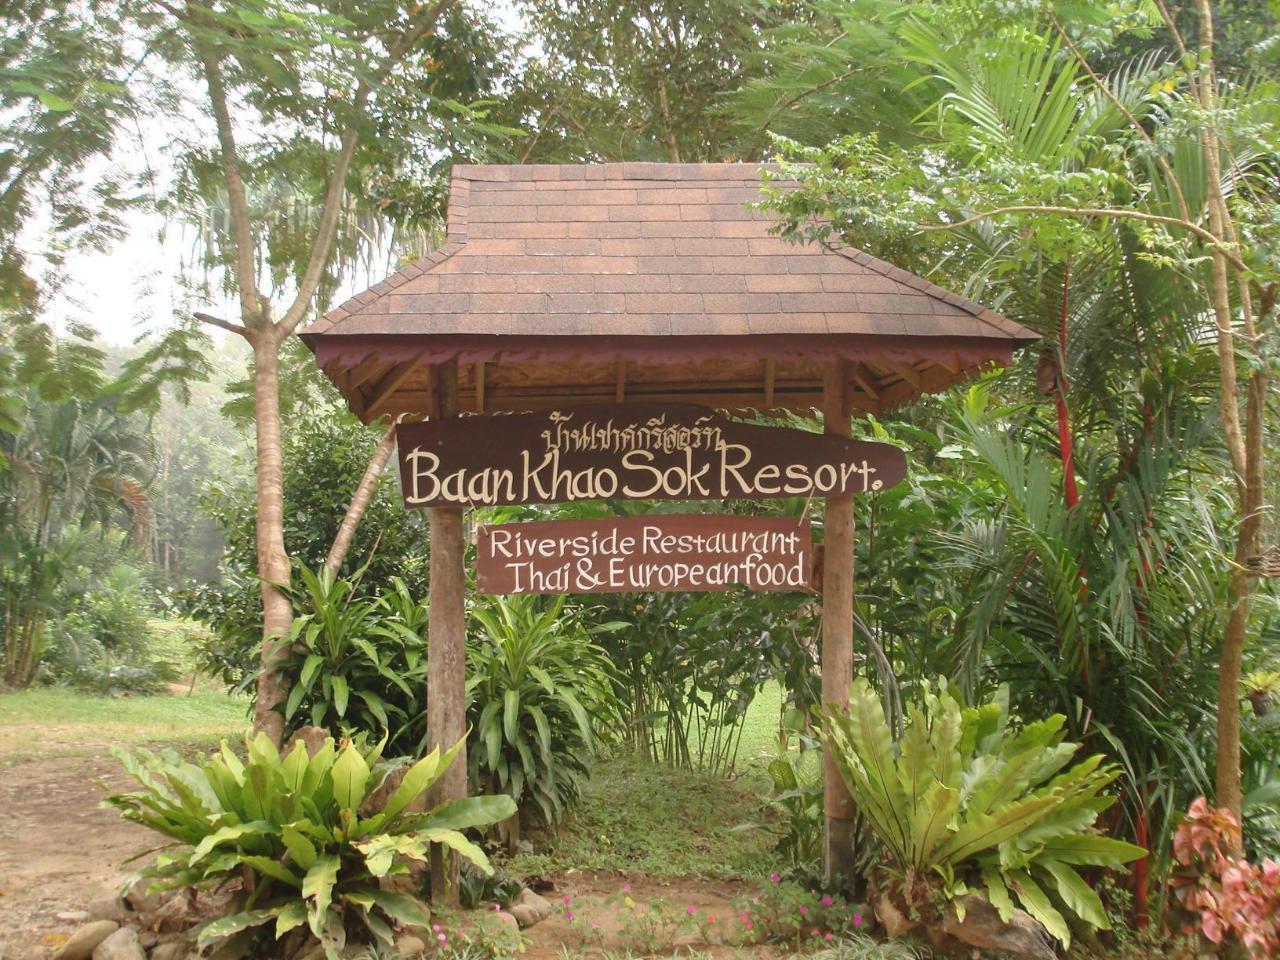 บ้านเขาสก รีสอร์ท (Baan Khao Sok Resort)